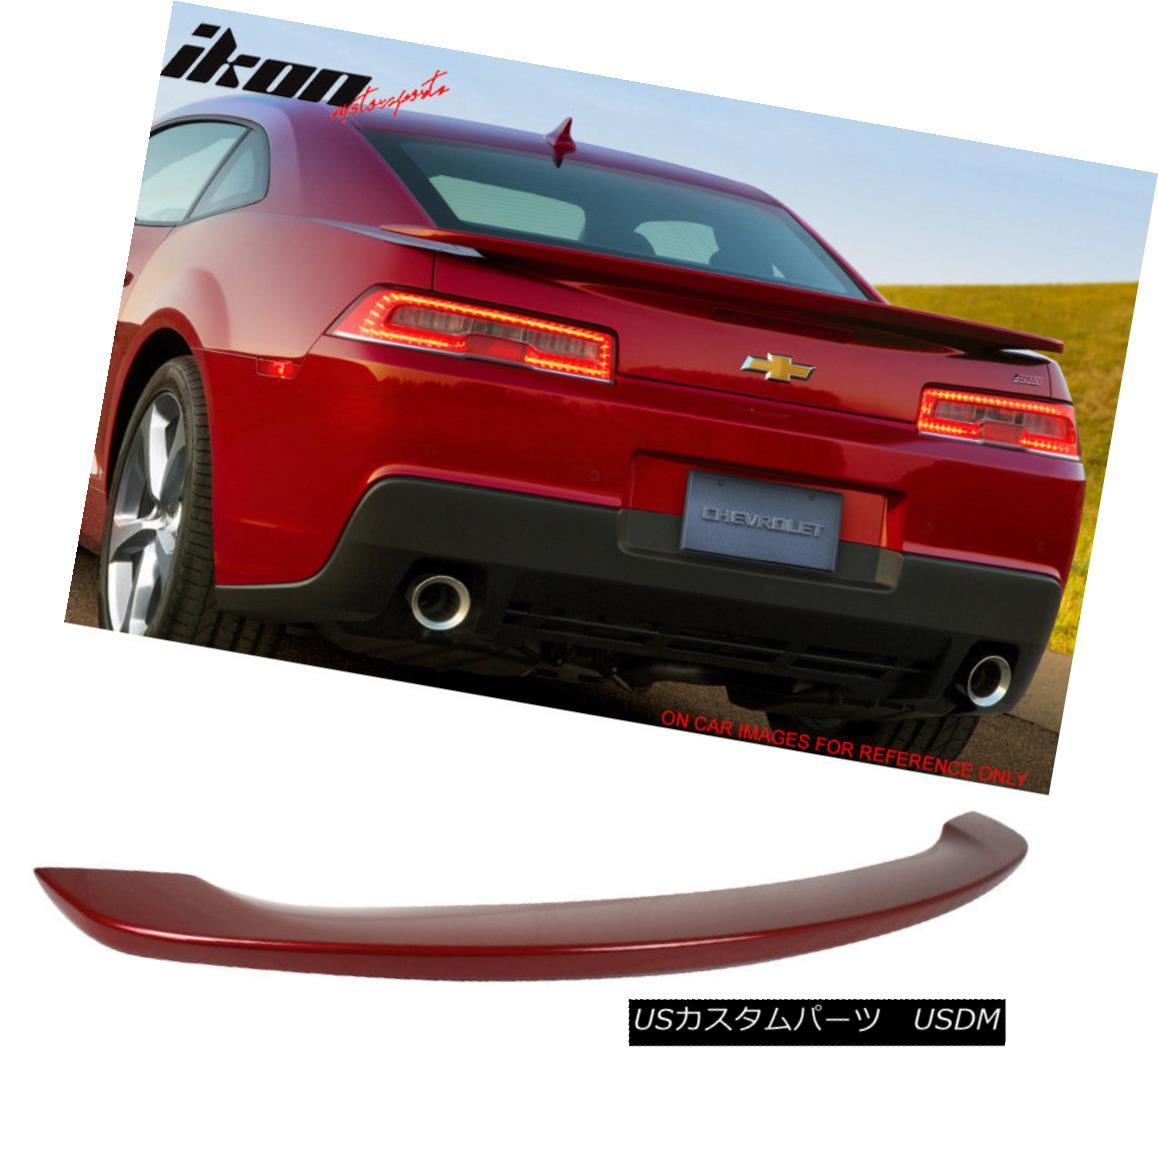 エアロパーツ 14-15 Camaro OE Trunk Spoiler Painted #WA133X Ladies and Magenta-Man Metallic 14-15カマロOEトランク・スポイラー#WA133Xレディースとマゼンタ・マン・メタリック